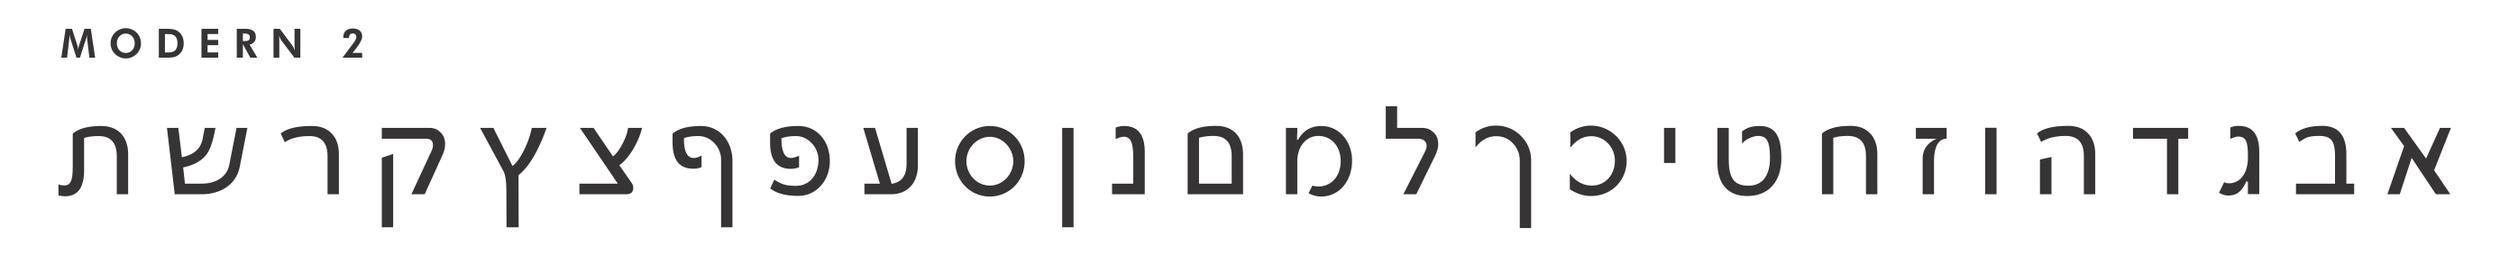 HEBREW MODERN 2.png